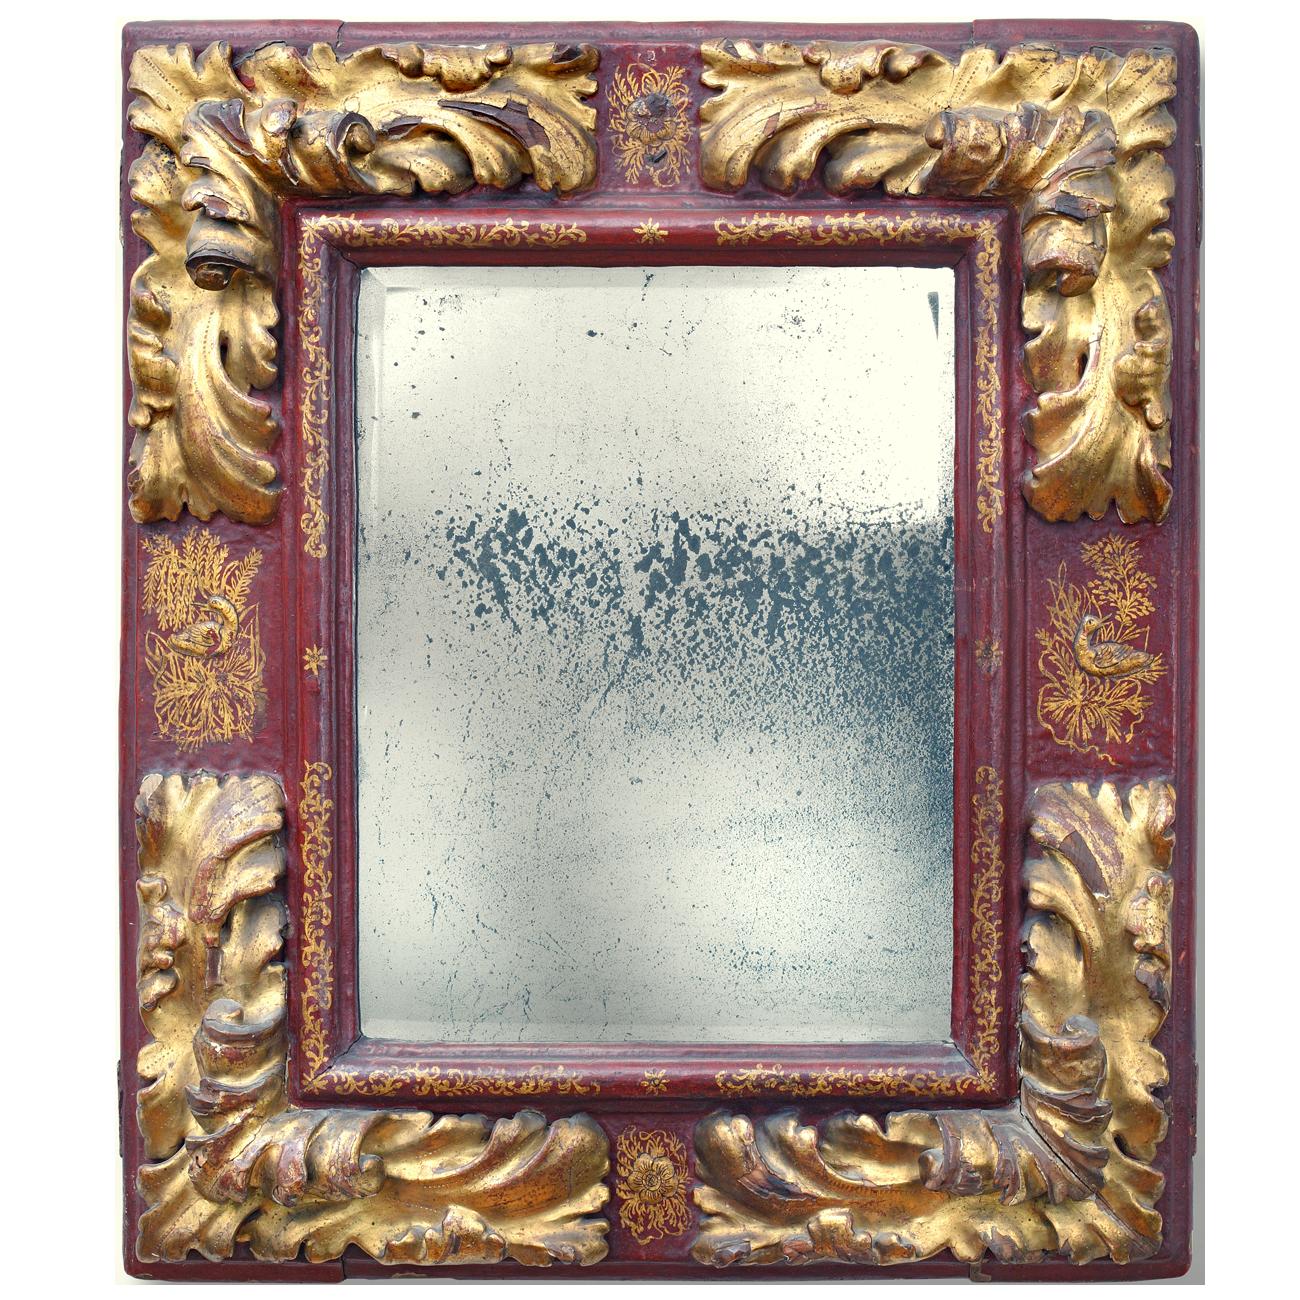 Chinoiser Spiegelrahmen - Antike Rahmen